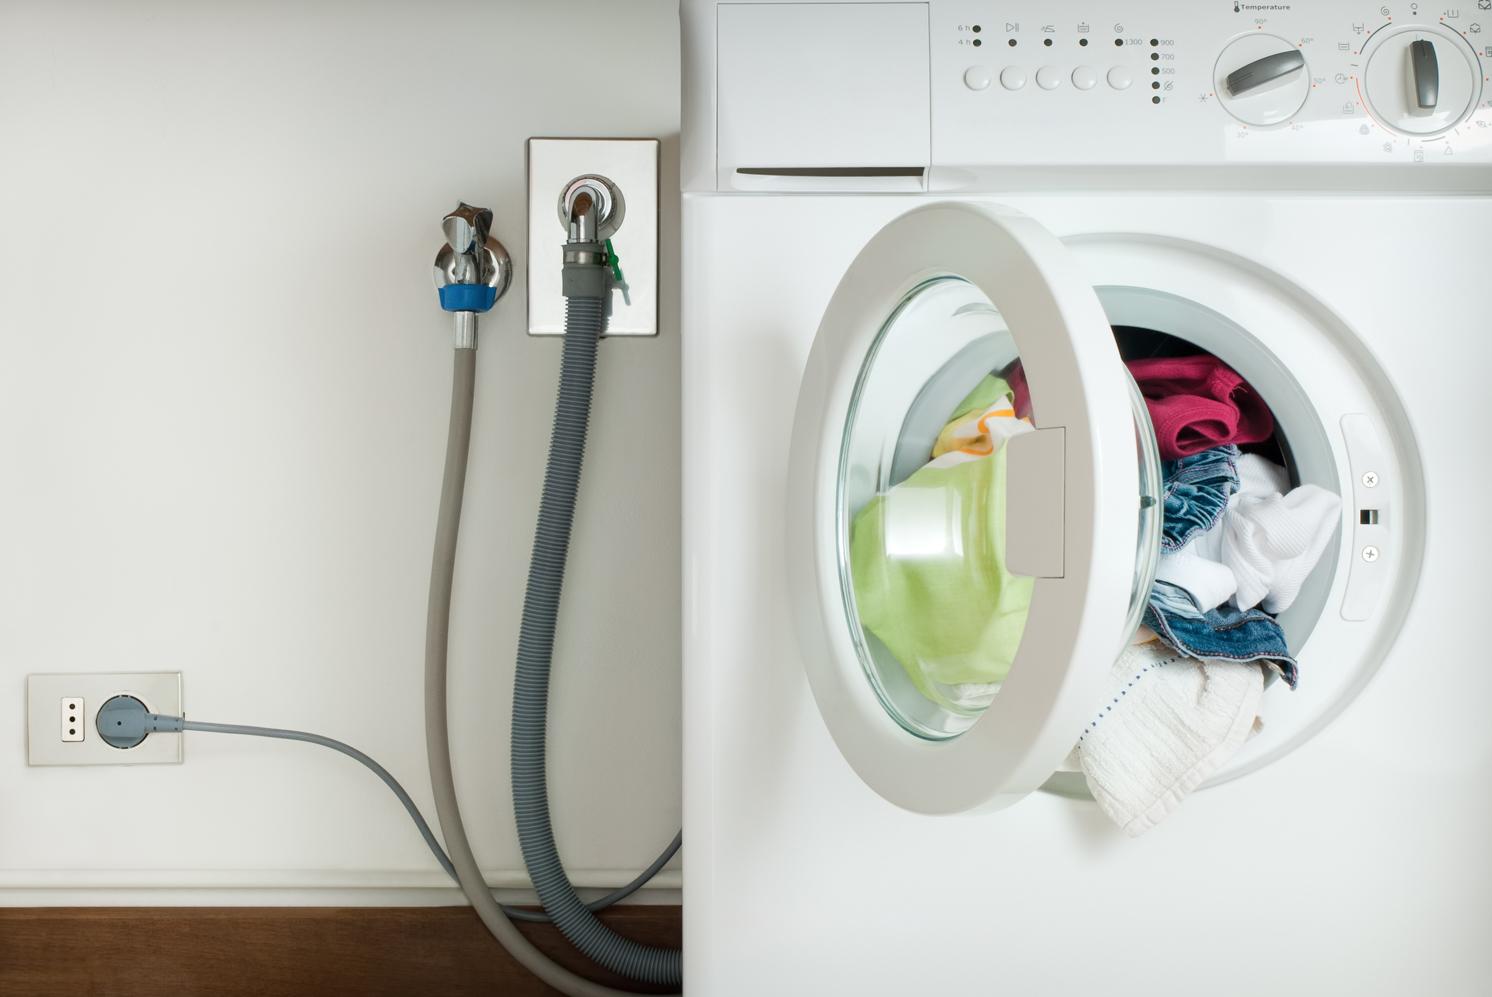 شیلنگ ماشین لباسشویی